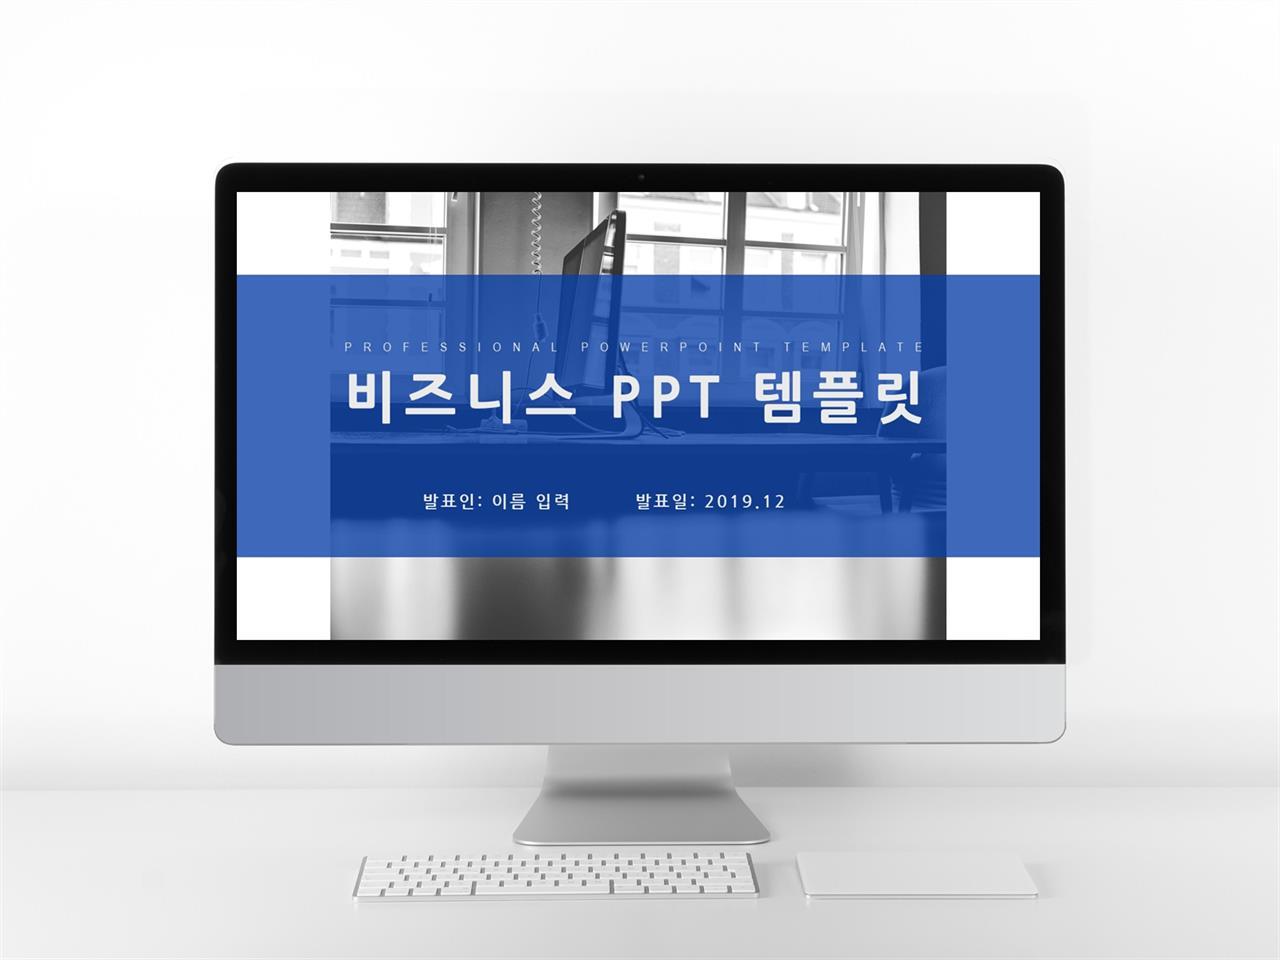 상업계획 자색 알뜰한 고급스럽운 POWERPOINT샘플 사이트 미리보기